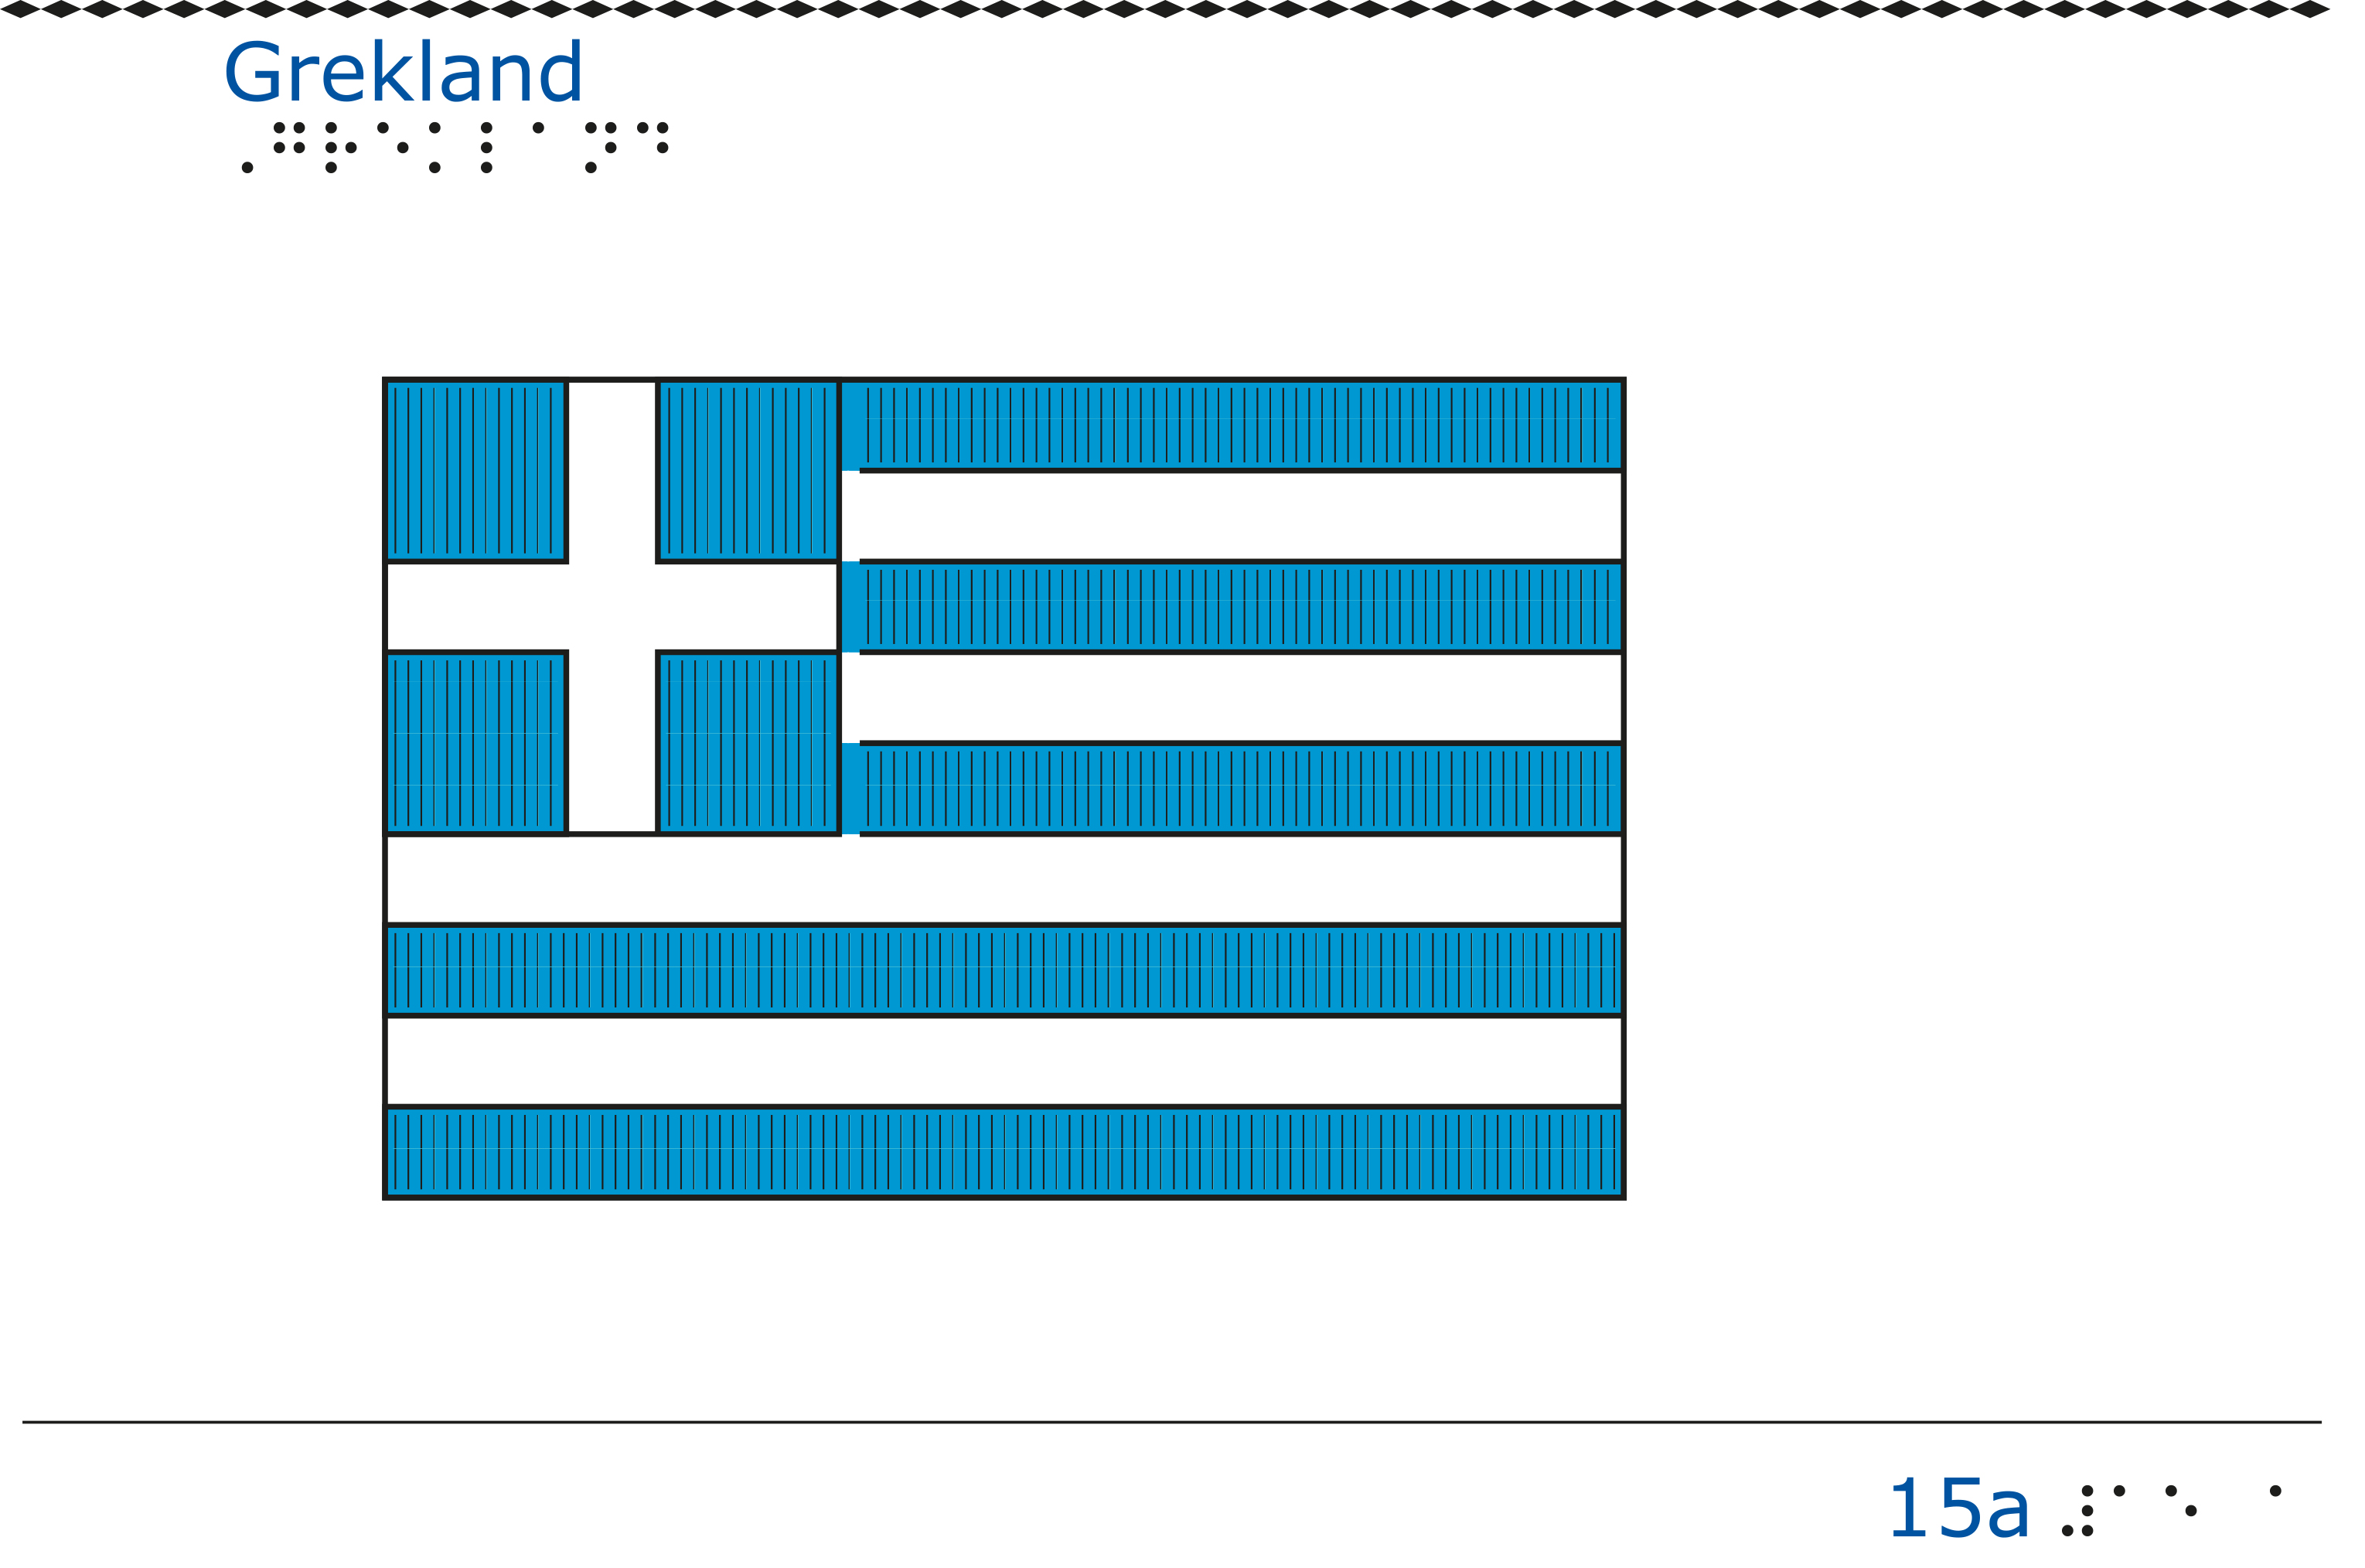 Taktil bild - Greklands flagga.